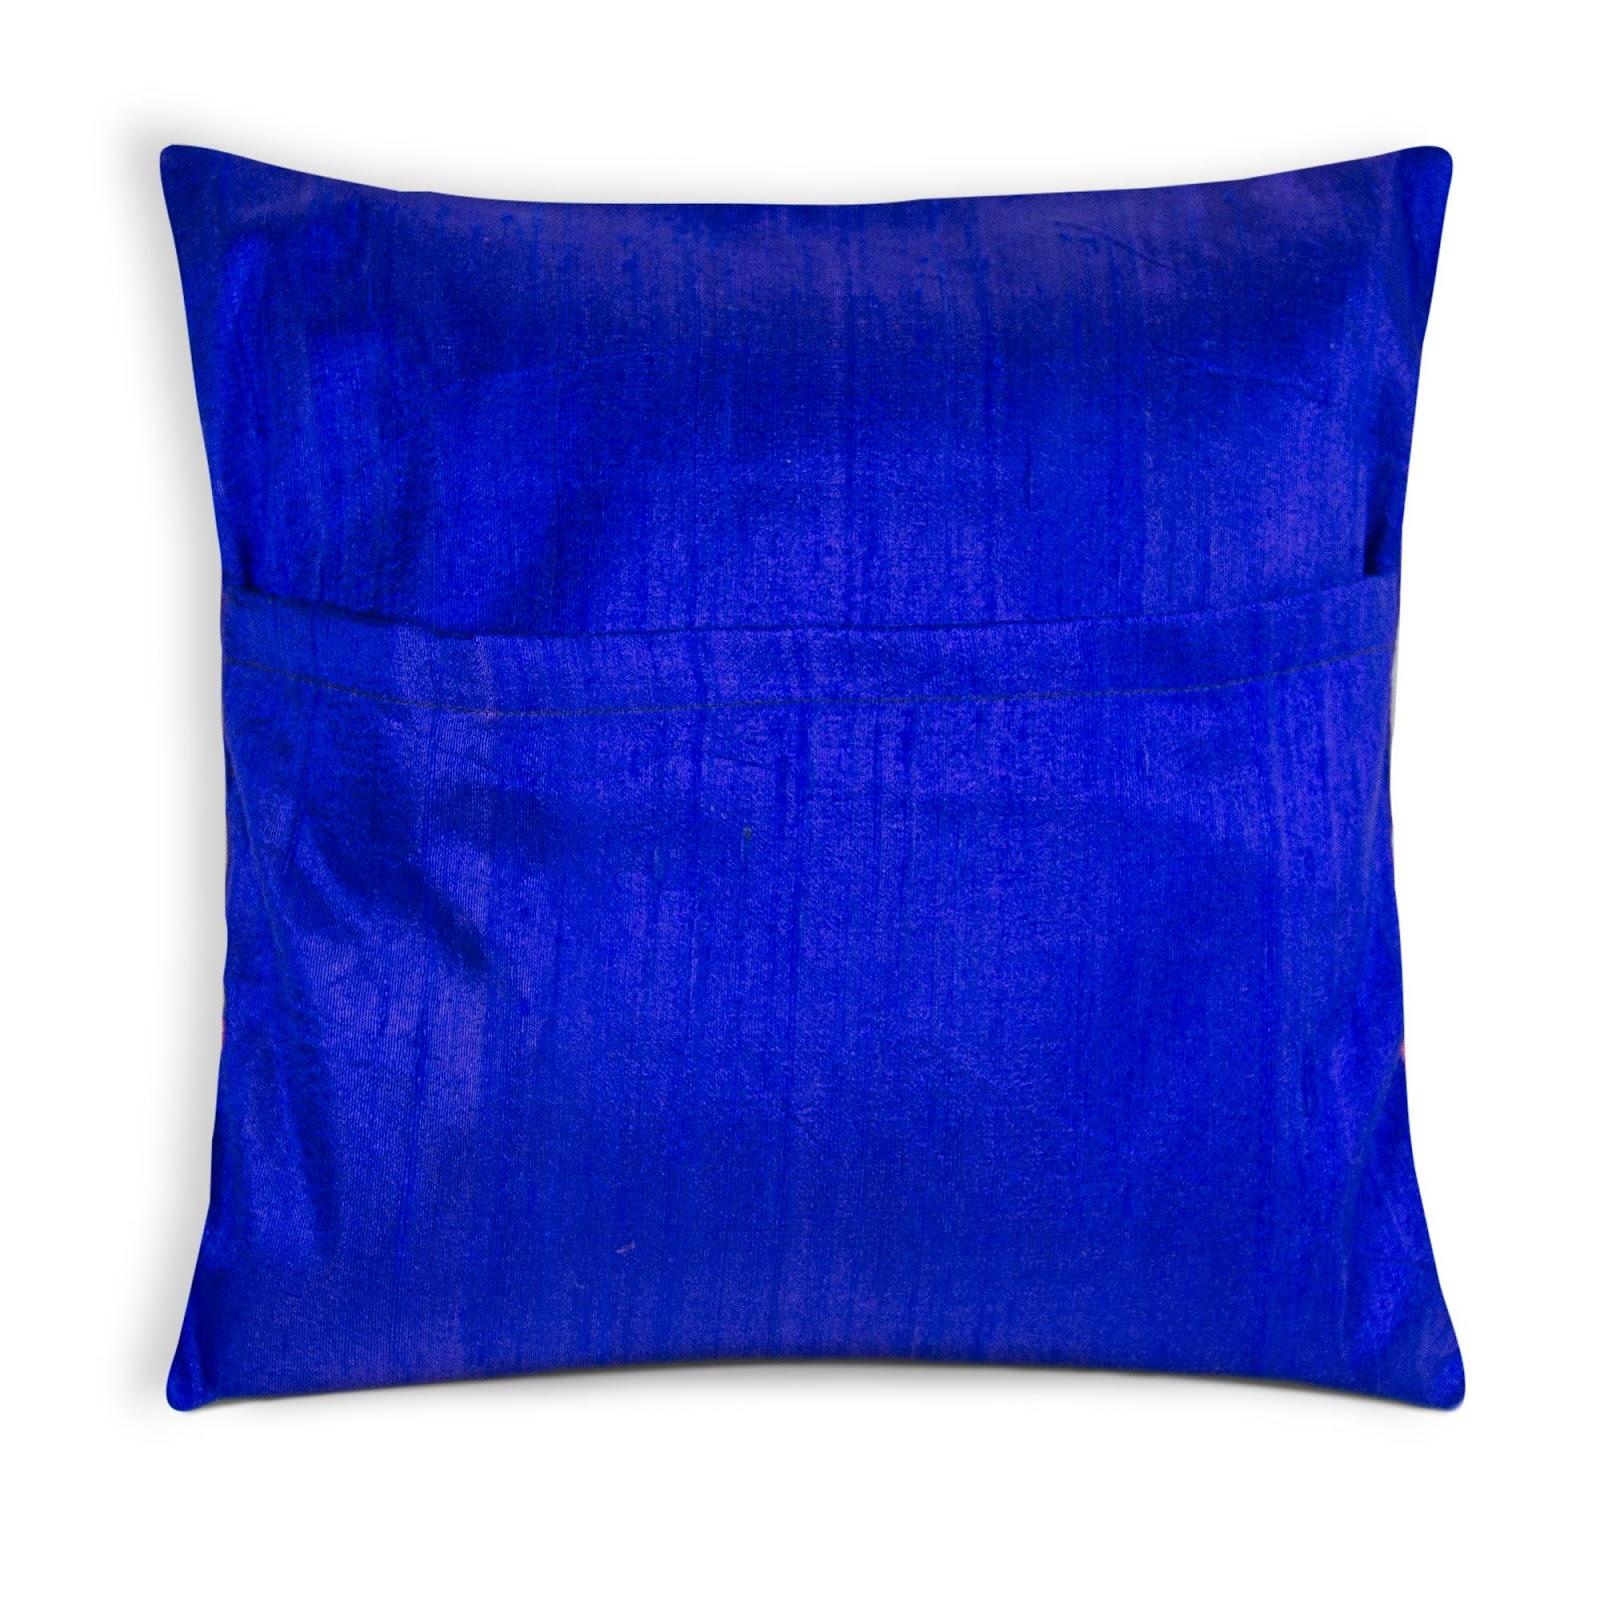 Blue Silk Pillows Yk66 Advancedmassagebysara